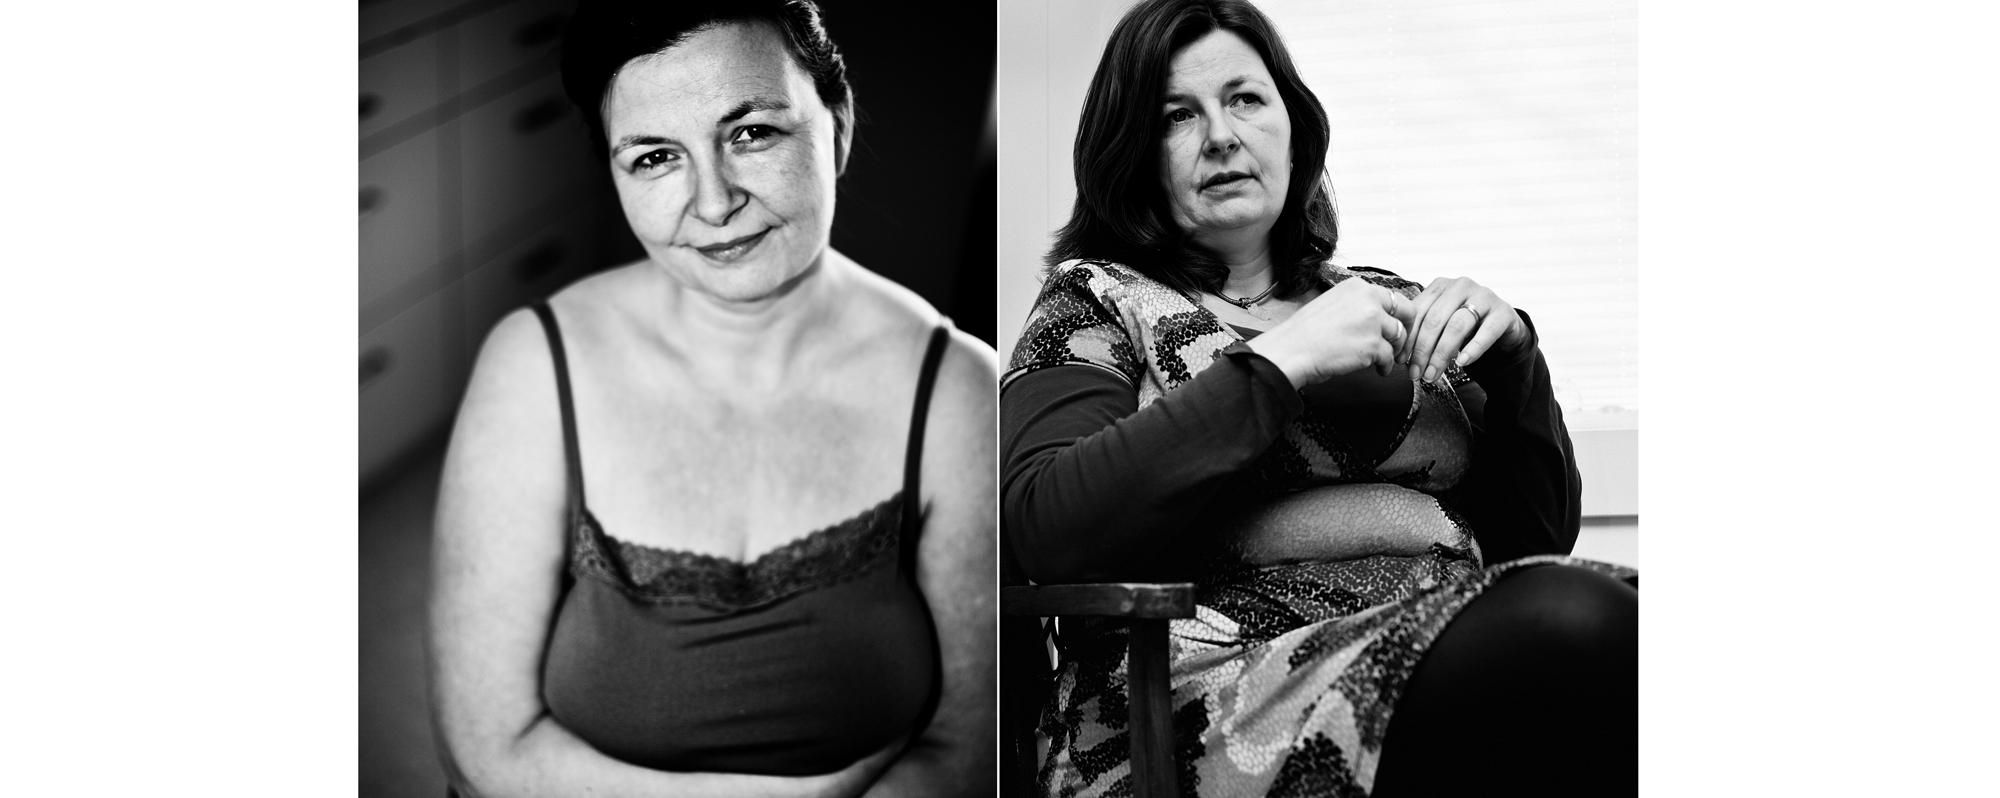 Tweeluik portret overgewicht zwart-wit kwetsbaar Eindhoven